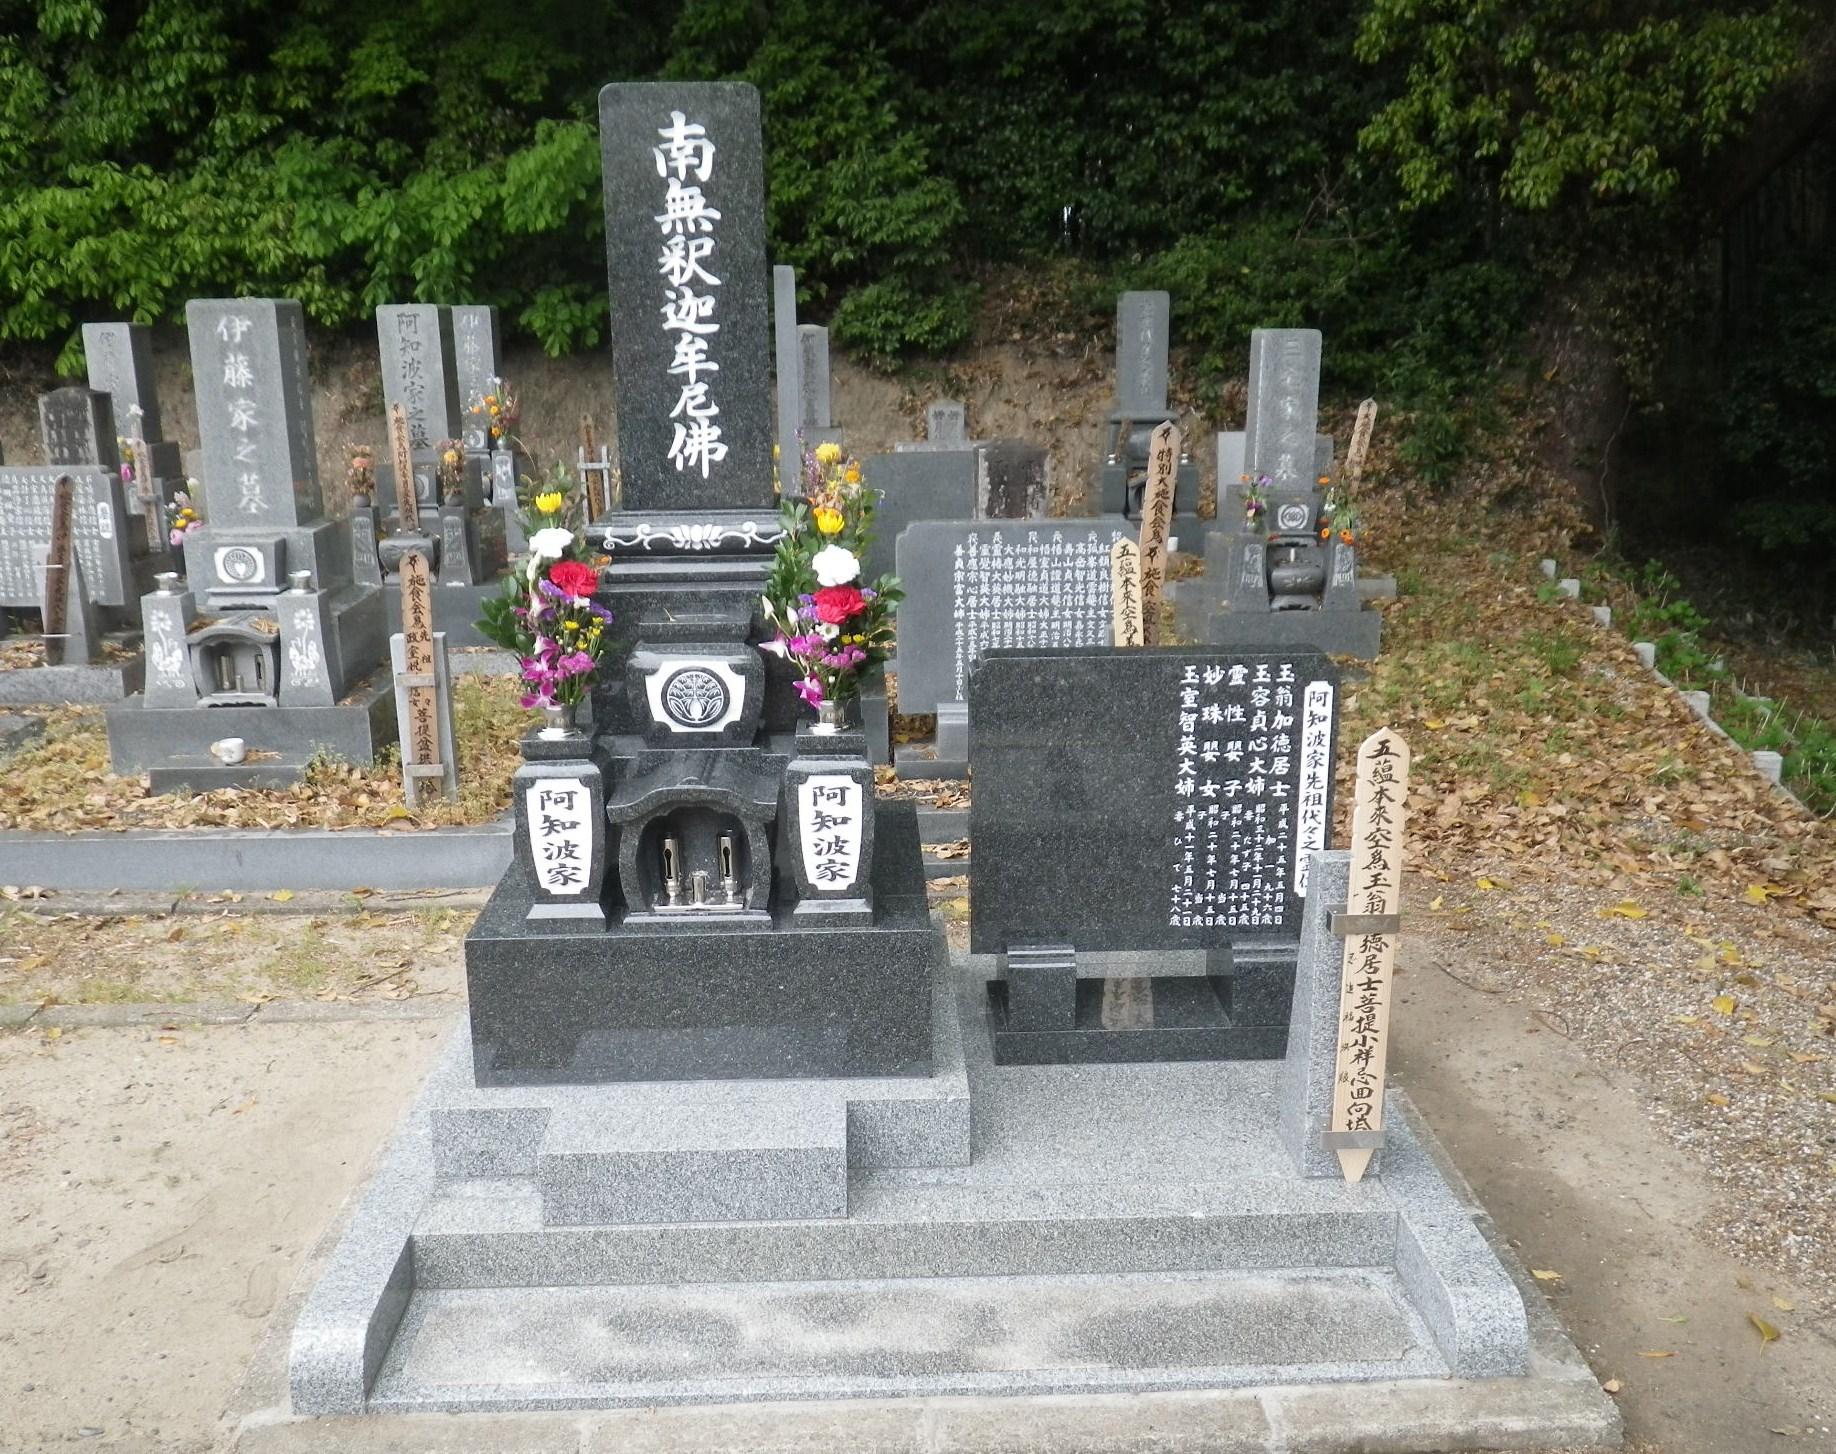 201404 ○知多市 寺院墓地(天徳院) 中国産 北大青 8寸和型 阿知波聖文様